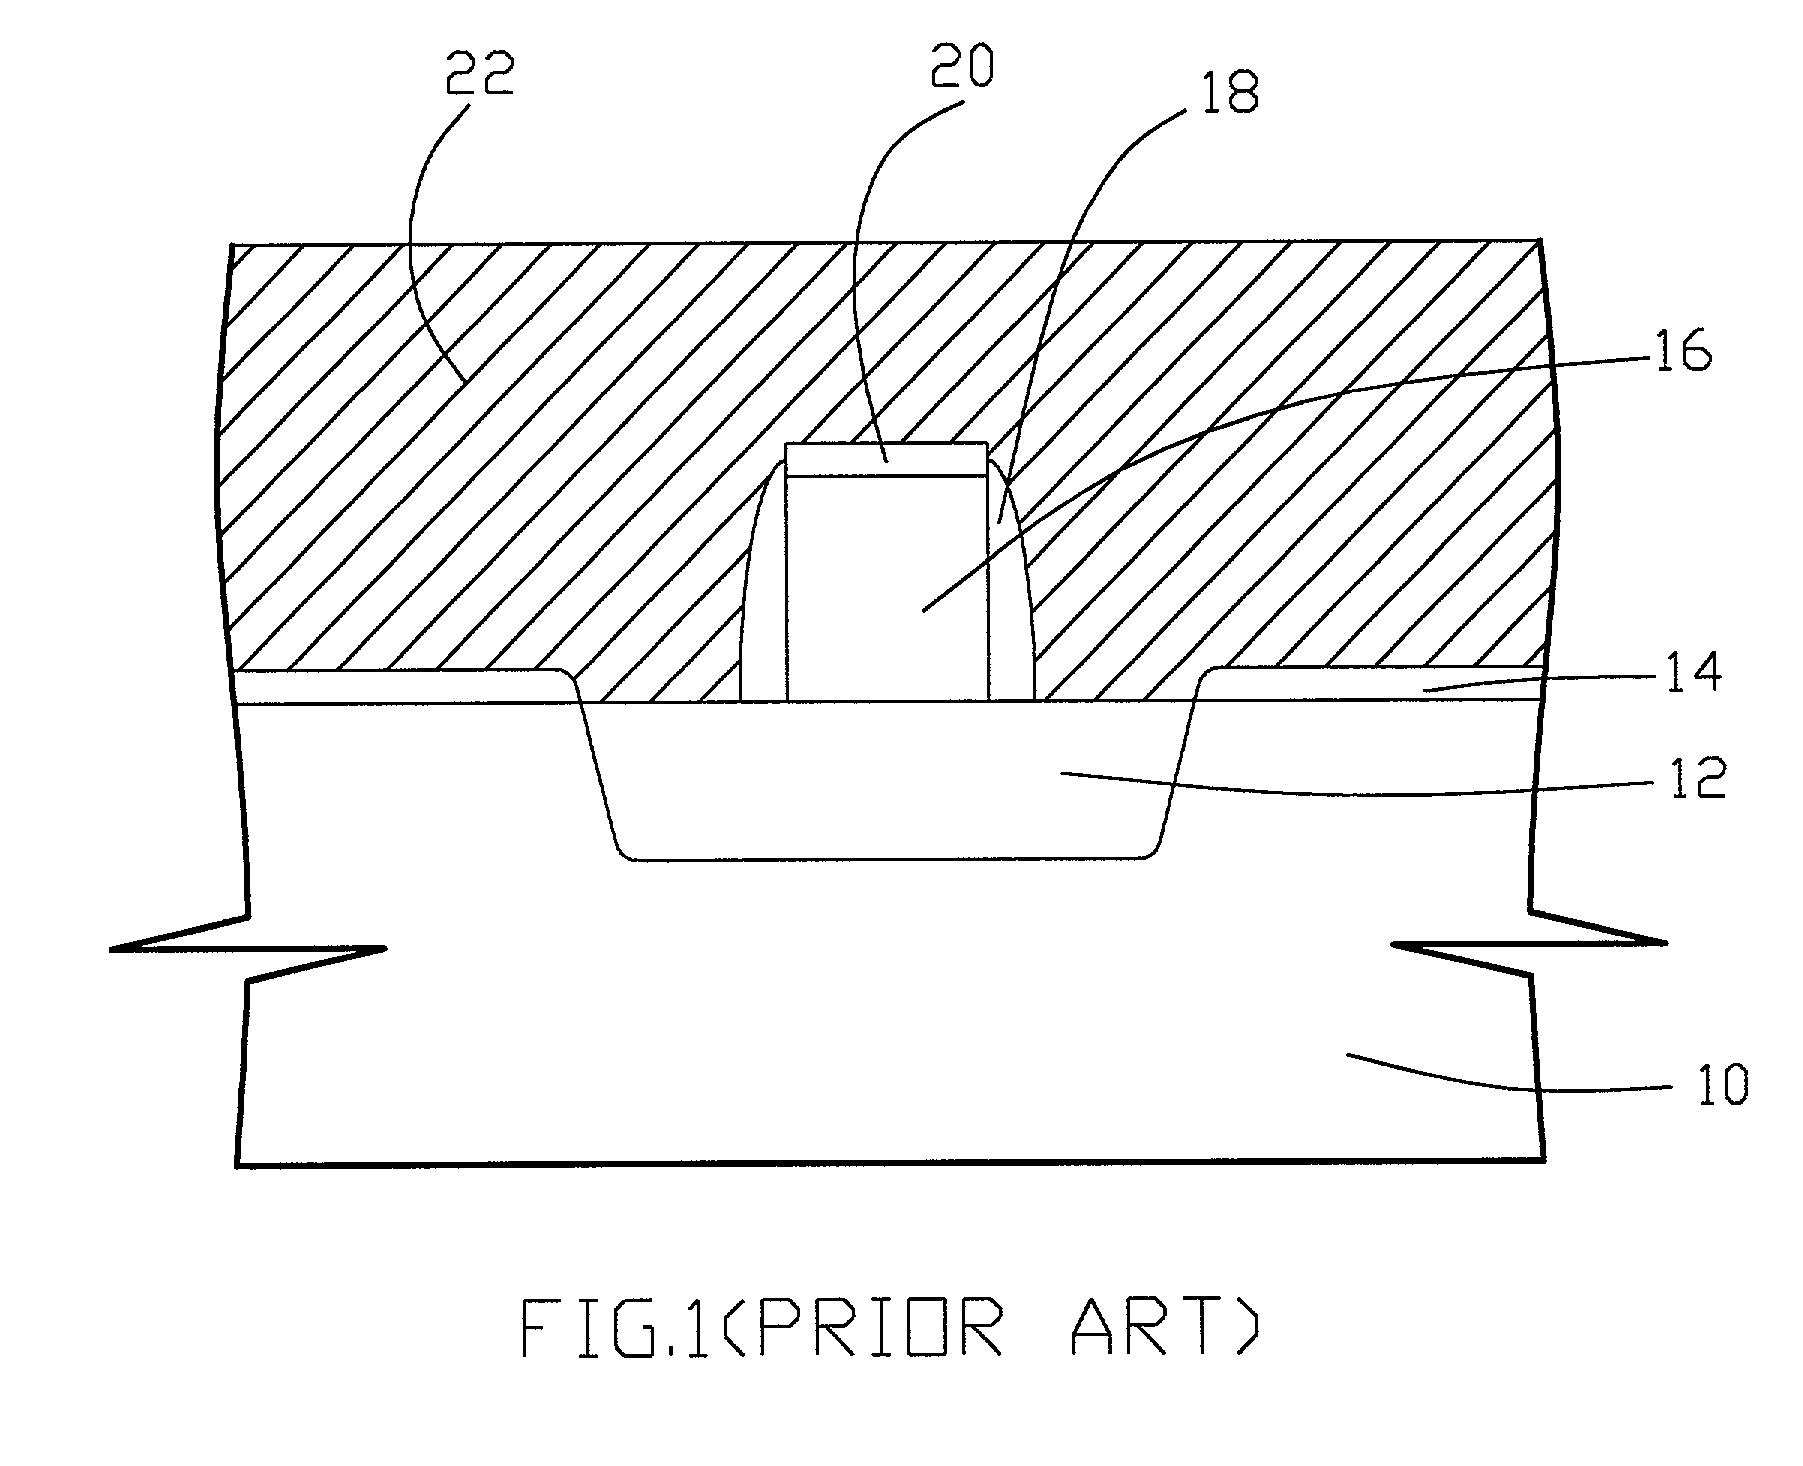 外观专利图片要求展示_设计图分享